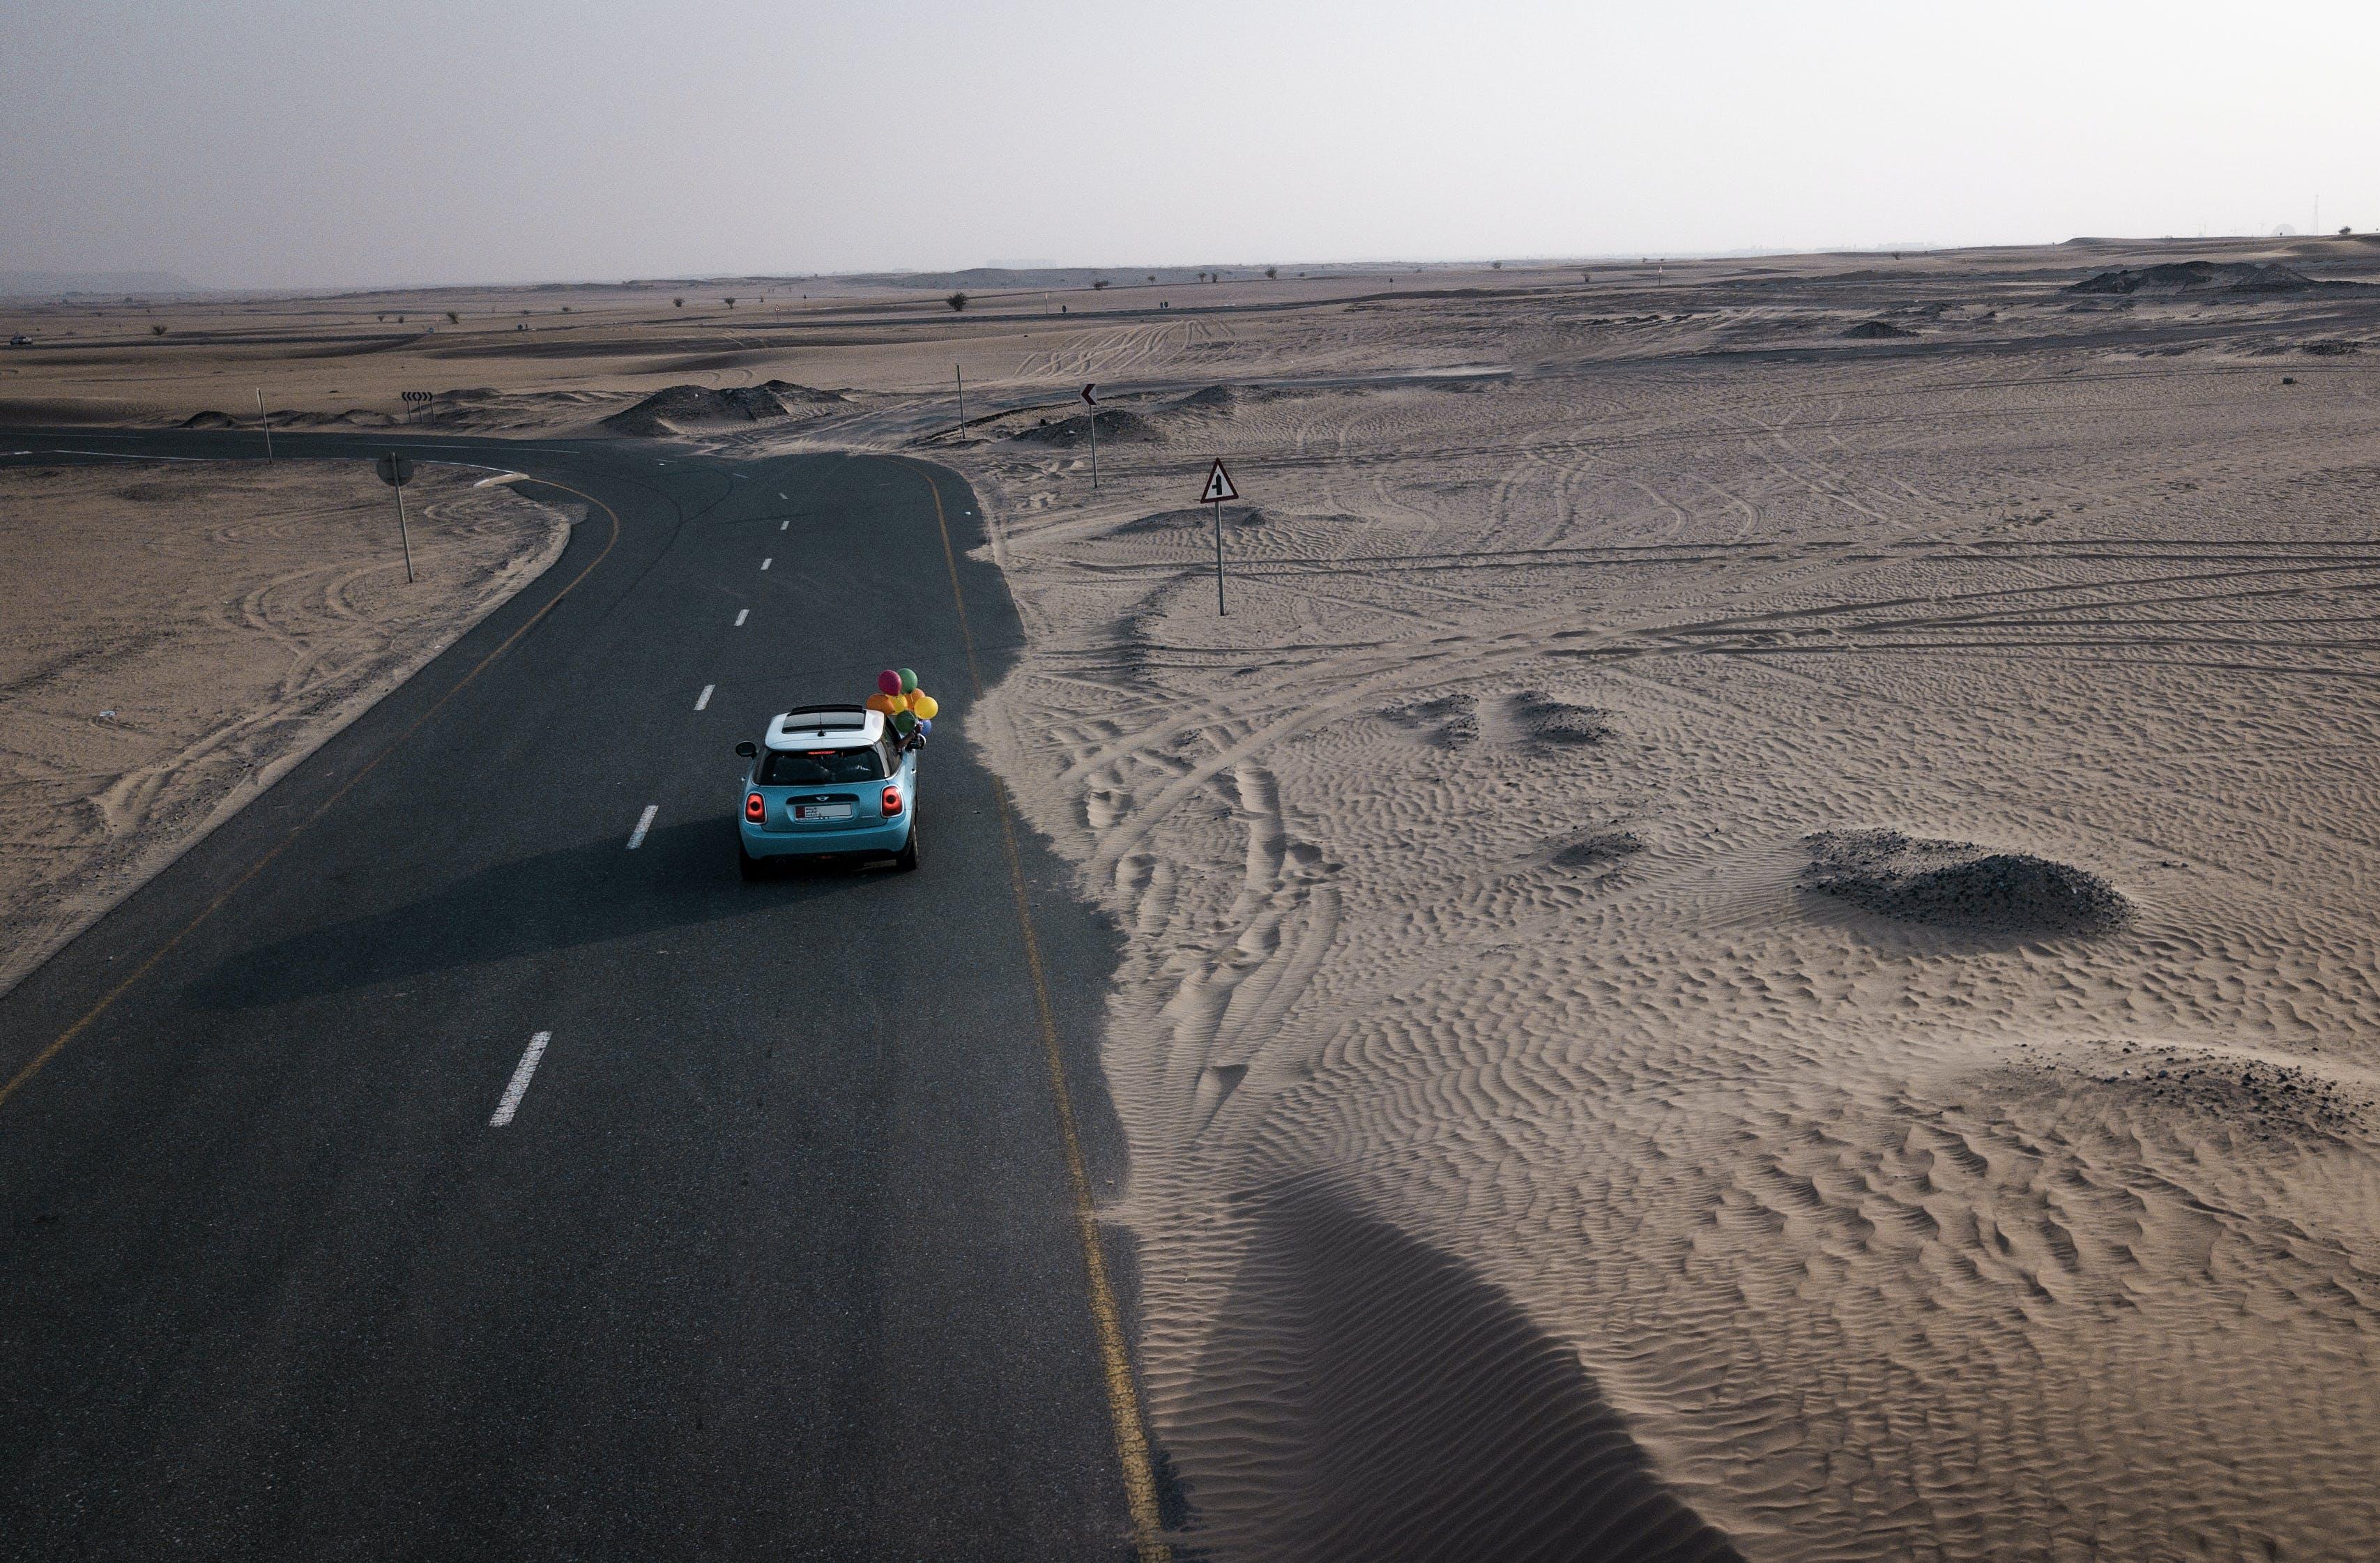 Free stock photo of car, desert, deserted, dirt road